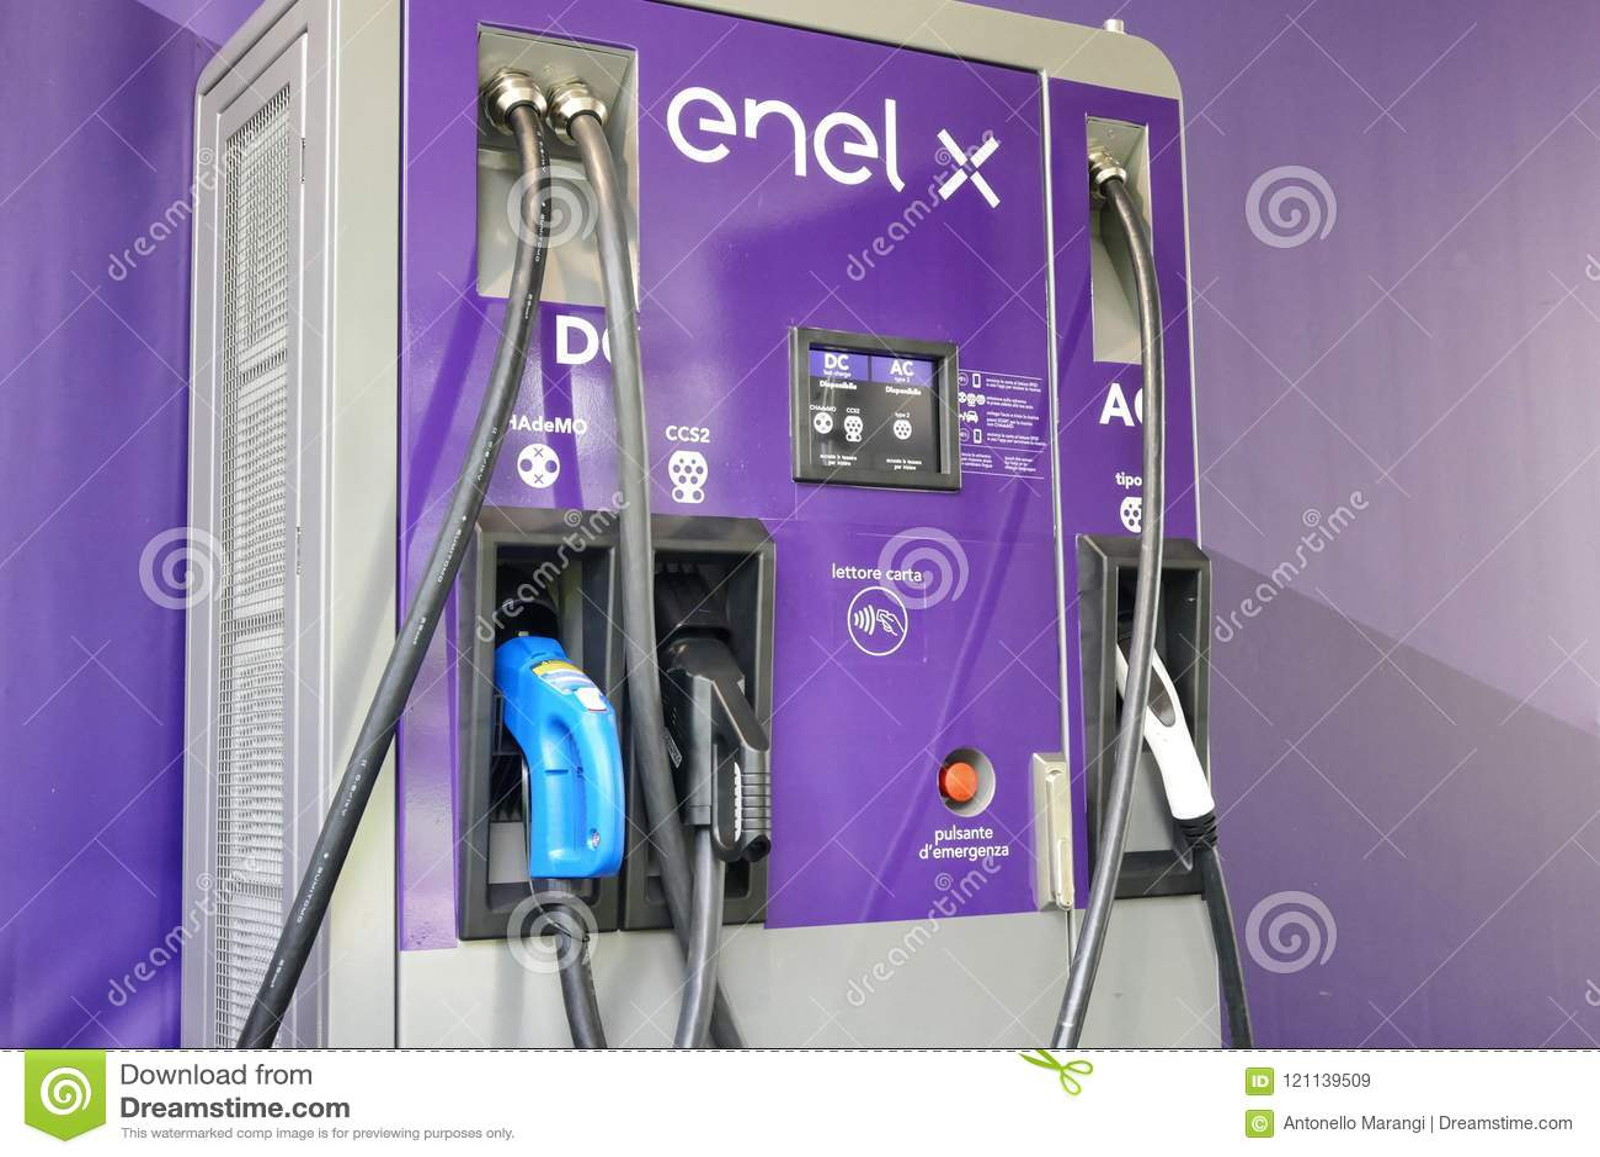 Stazione di carico pubblica dell Enel X multi con differenti incavi e poteri